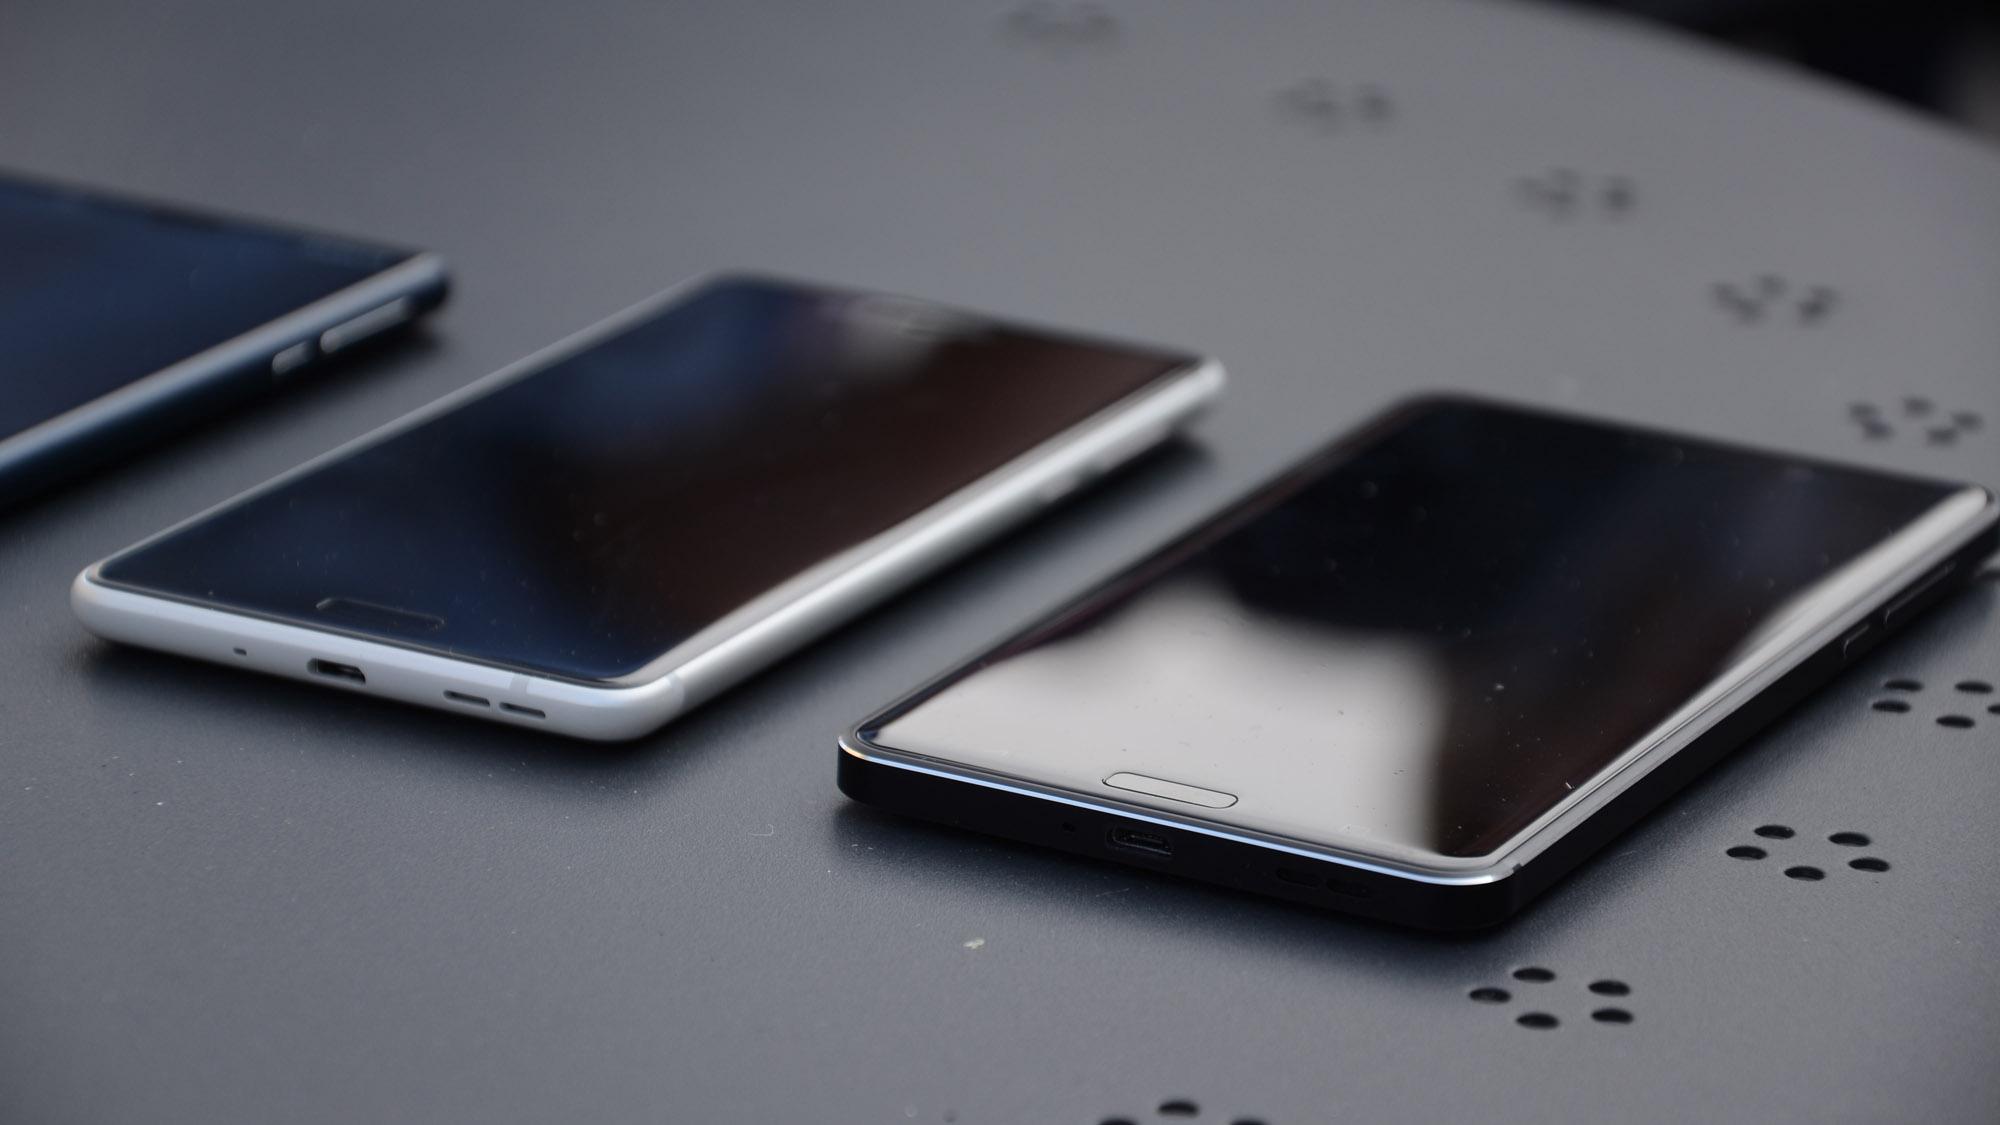 Novo flagship da linha Nokia, Nokia 8 será lançado em breve — Rumor